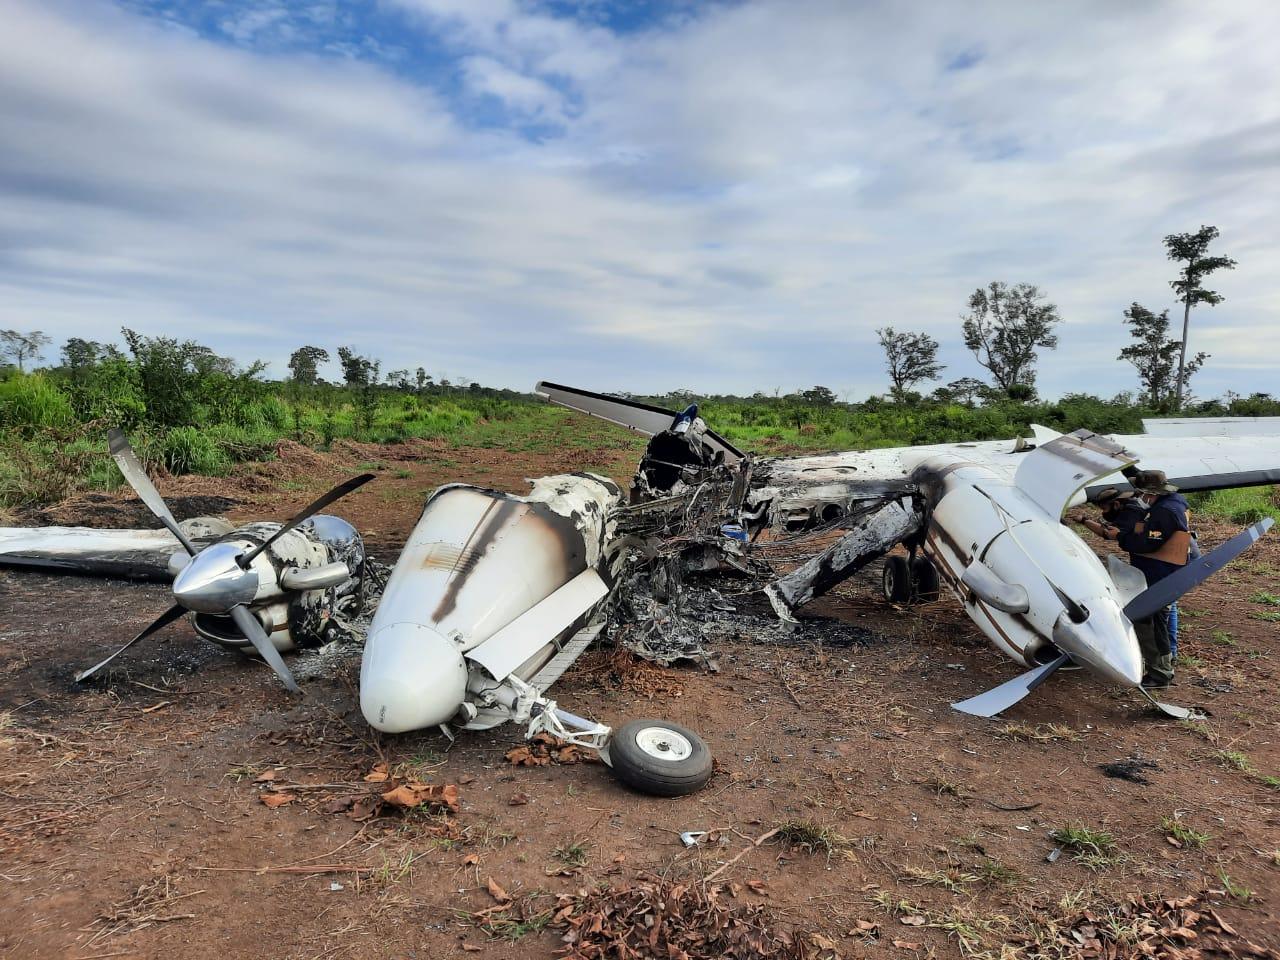 El Ejército de Guatemala aseguró ayer que los pobladores de una aldea de Petén, impidieron el paso de militares; la tropa se dirigía a la ubicación de una avioneta ilegal que aterrizó en territorio guatemalteco esta madrugada.